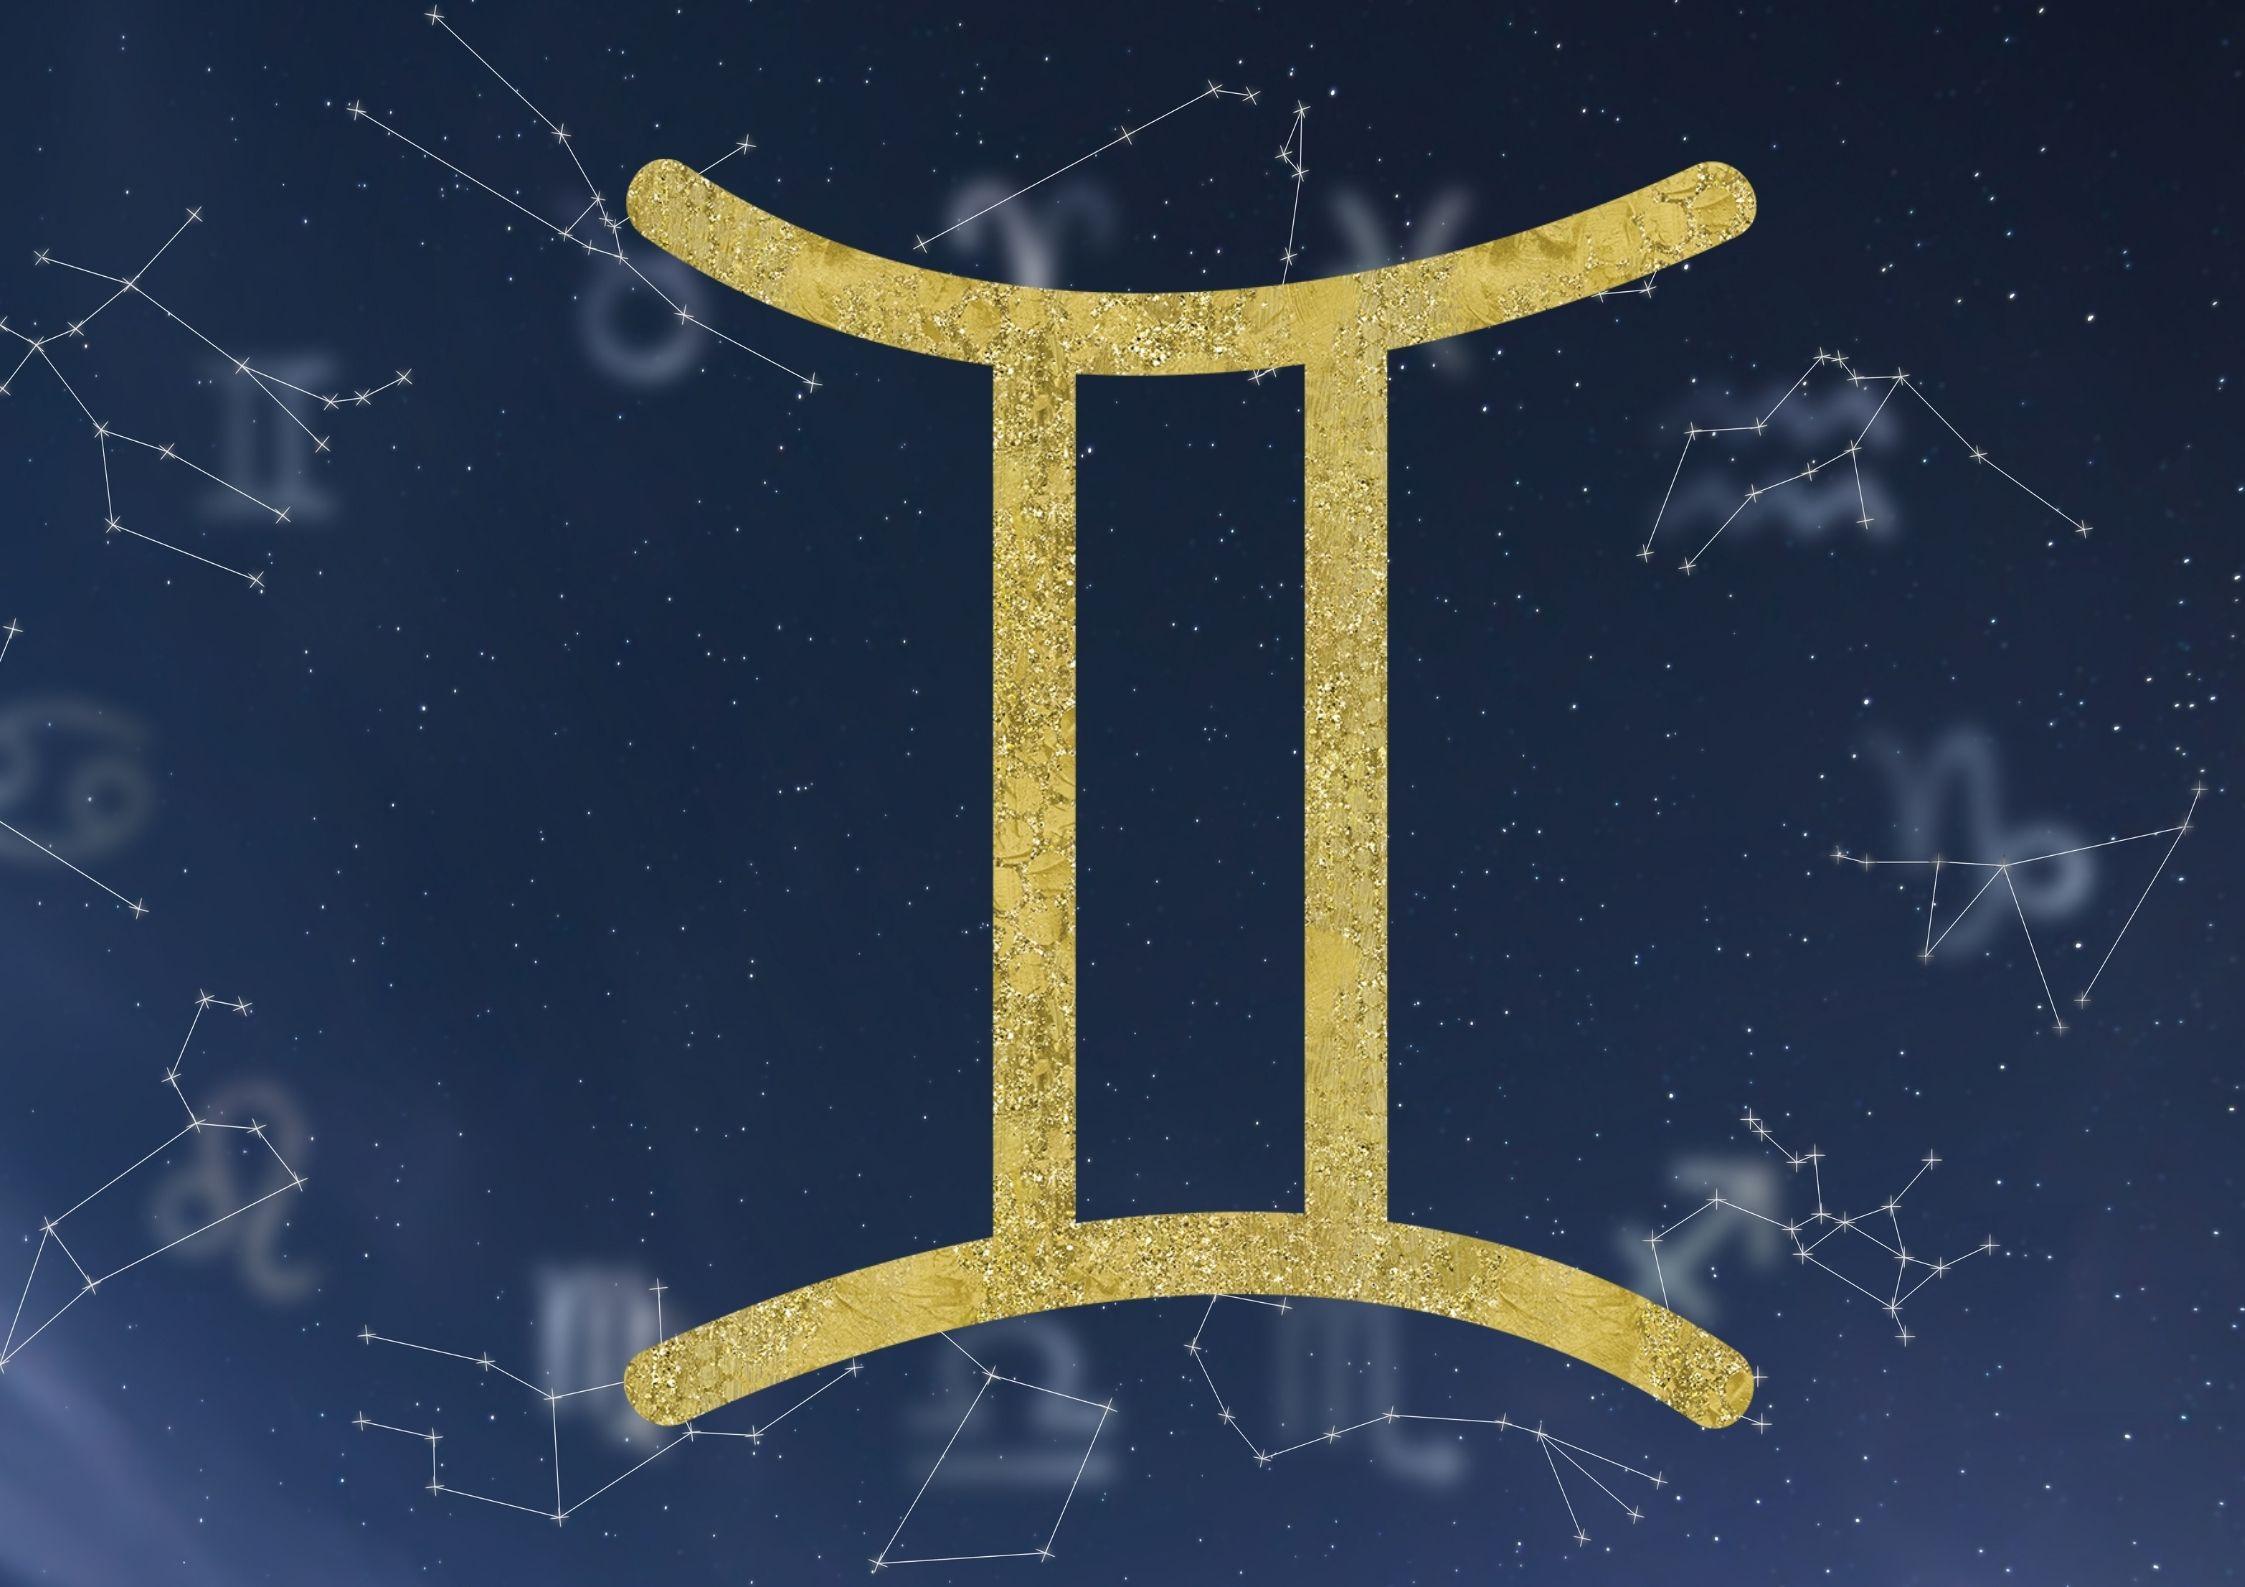 αστρολογία και ζώδια -τα αιισθηματικά του Διδύμου